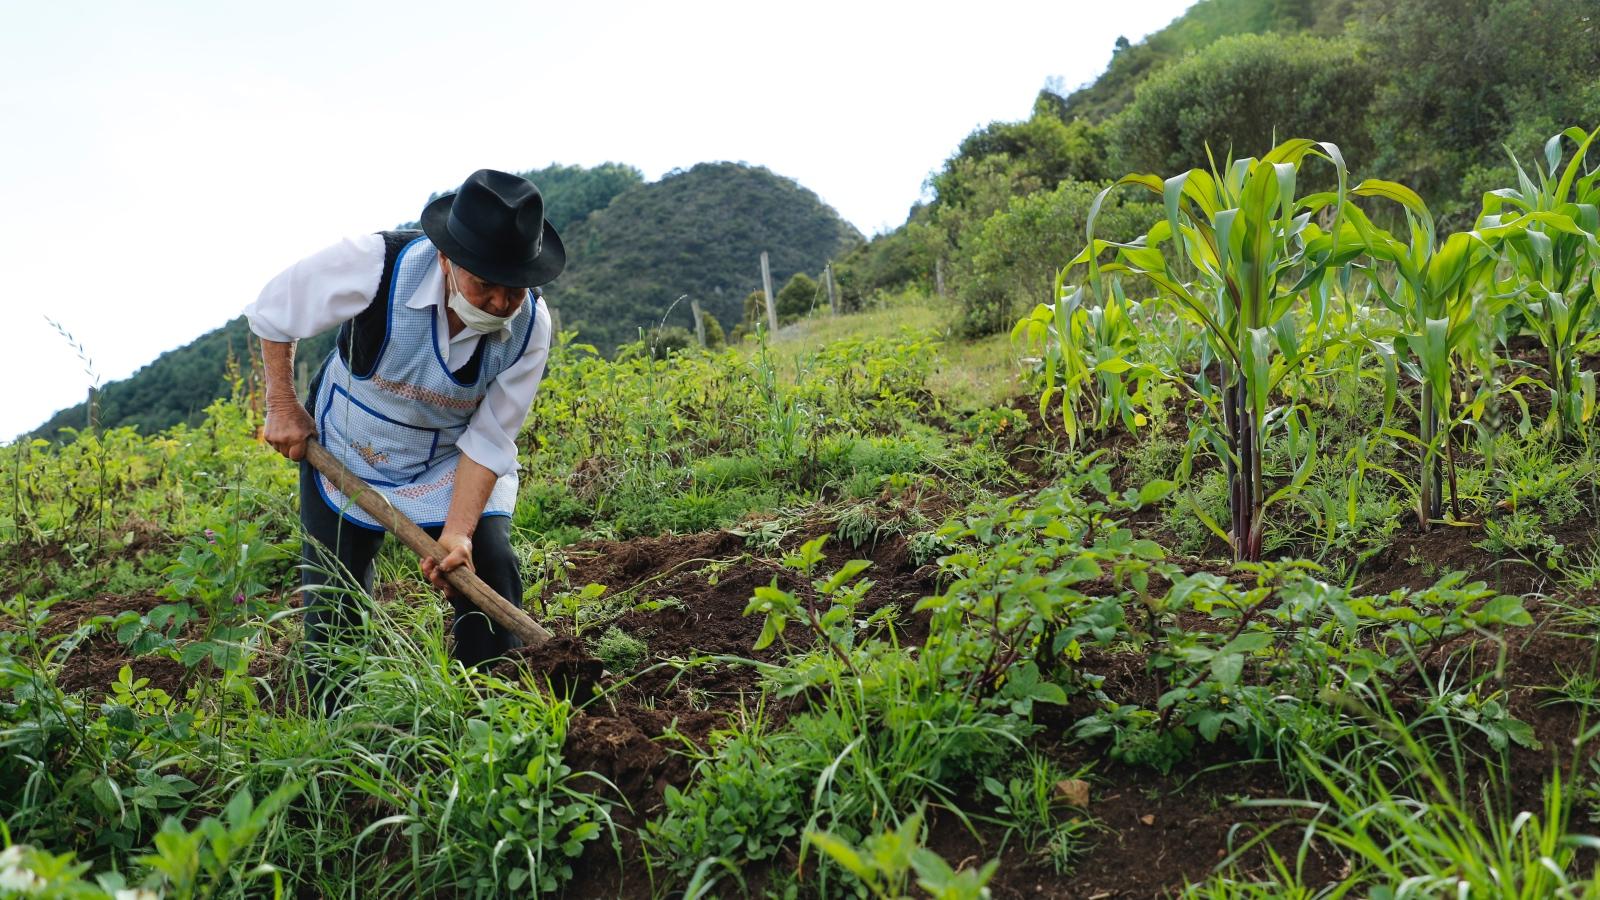 ¿Qué impacto está teniendo la pandemia sobre el empleo rural?